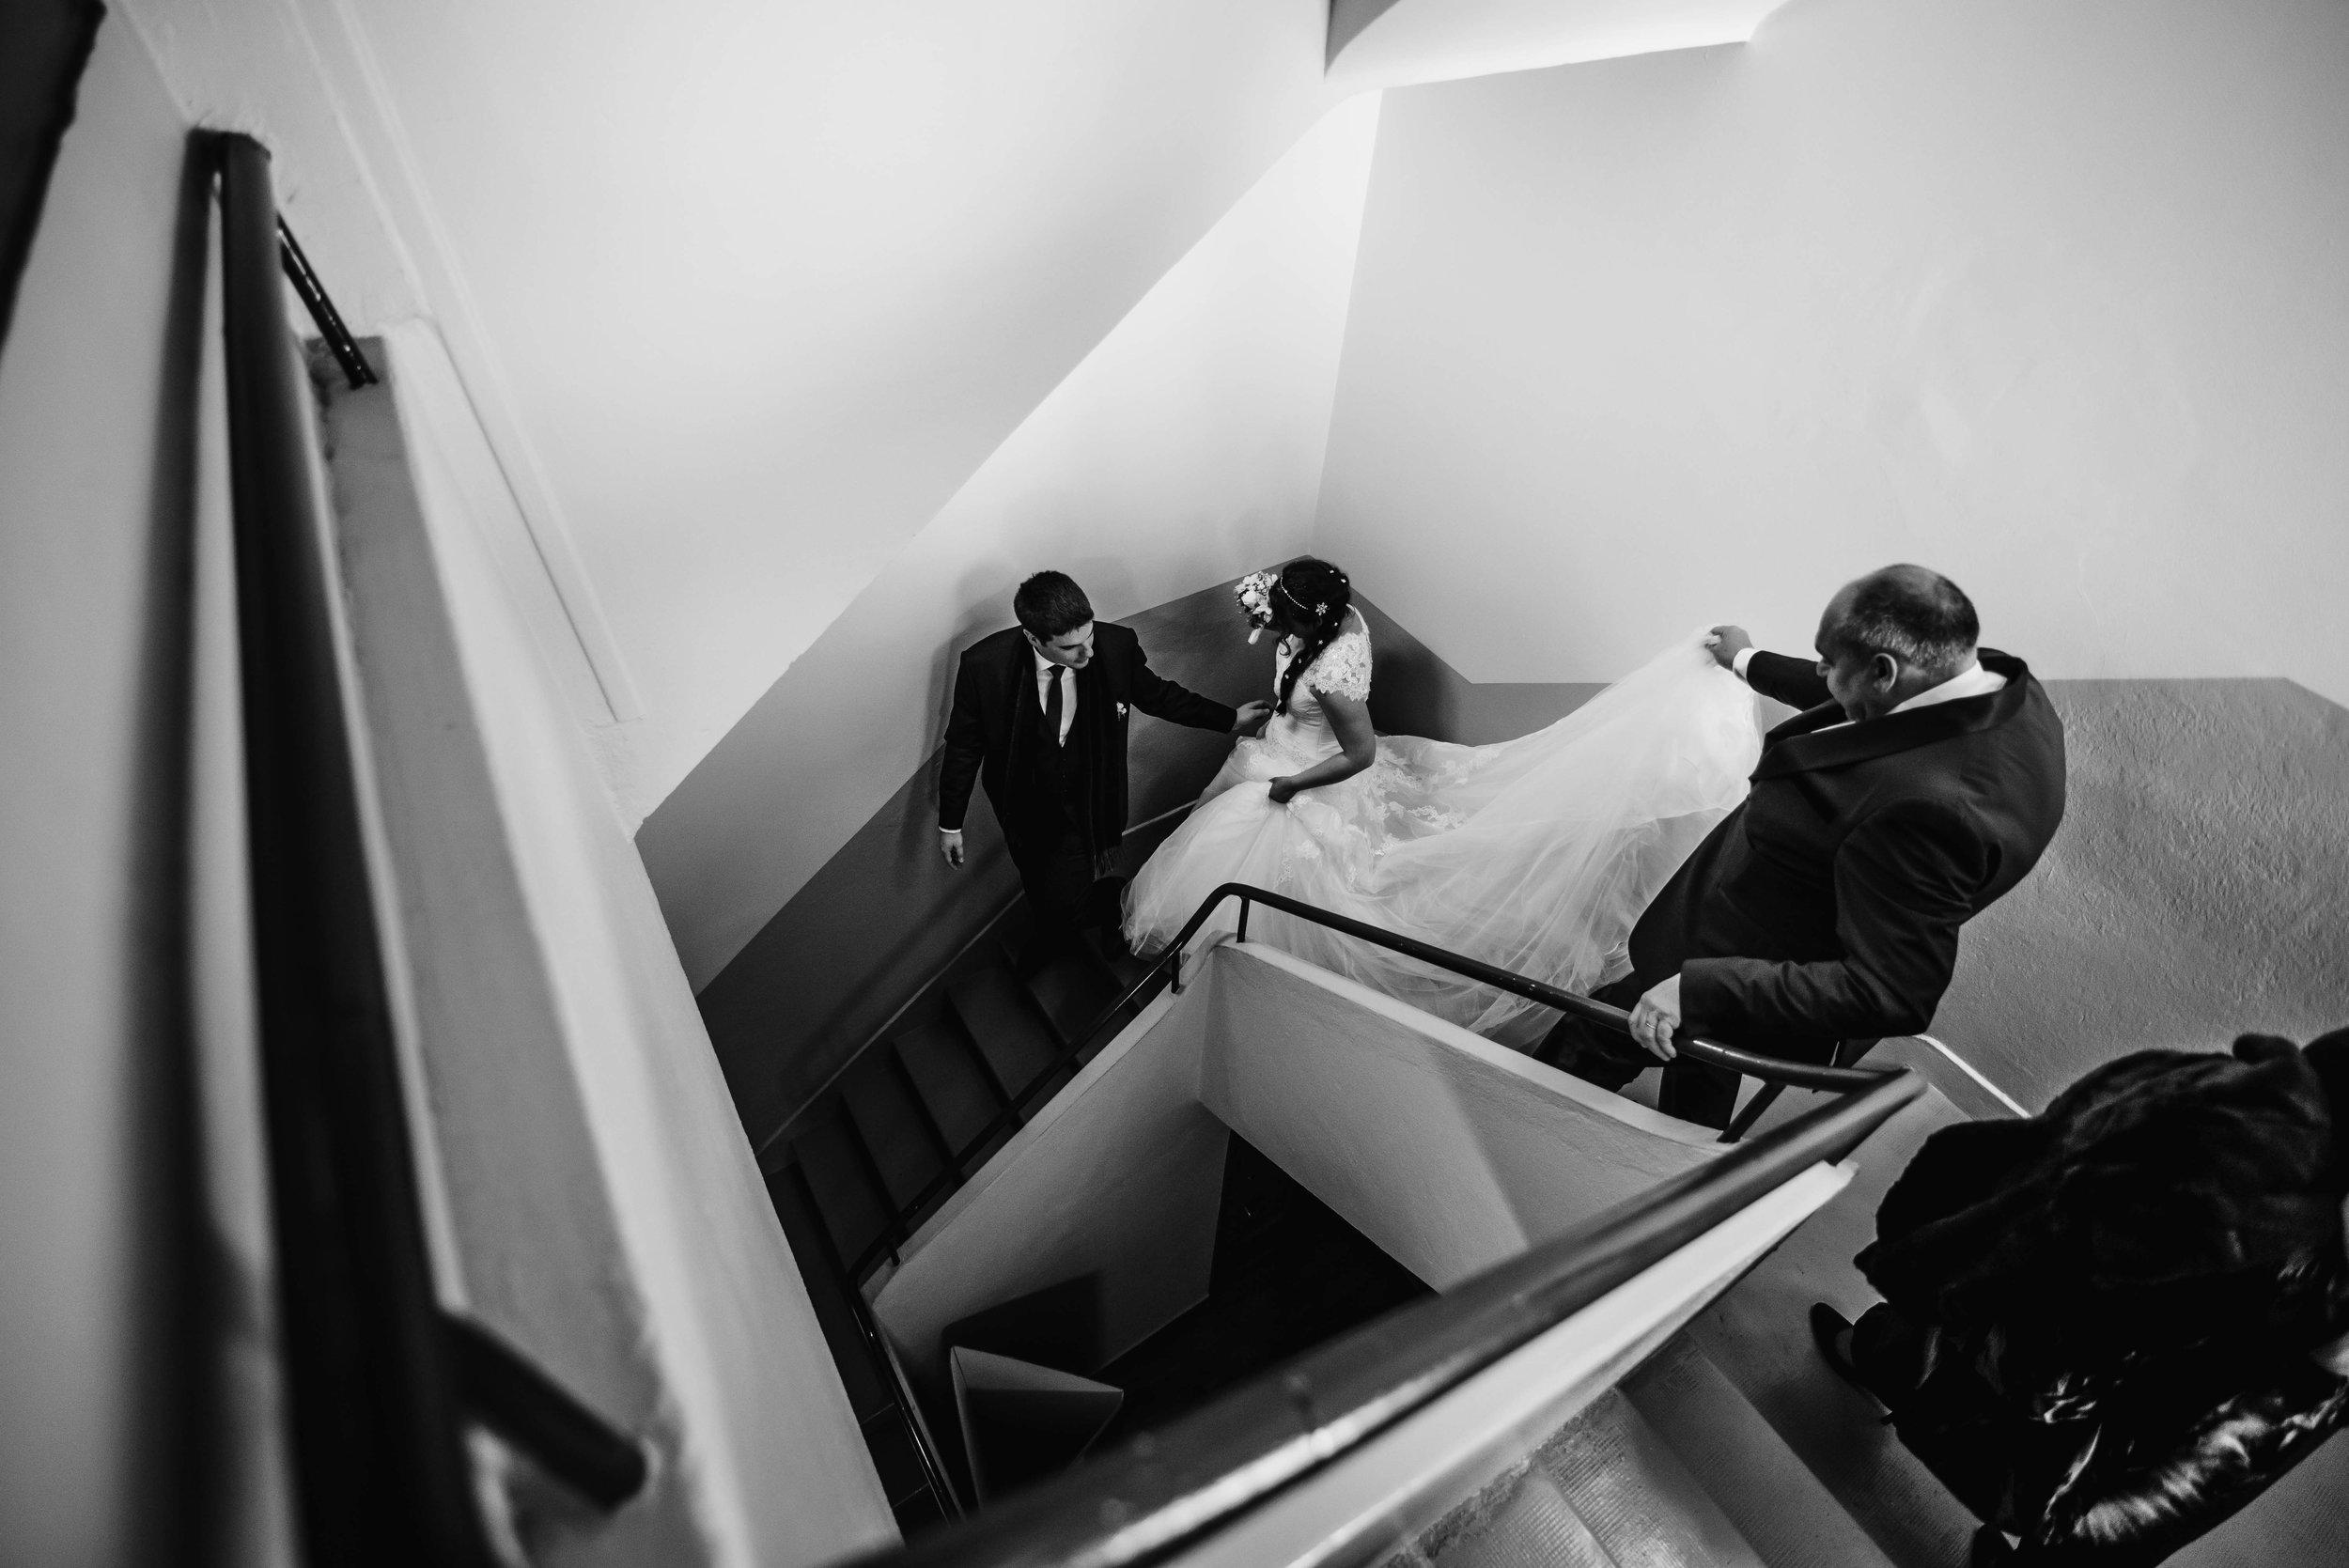 Léa-Fery-photographe-professionnel-lyon-rhone-alpes-portrait-mariage-couple-amour-lovesession-engagement-elopment-2319.jpg